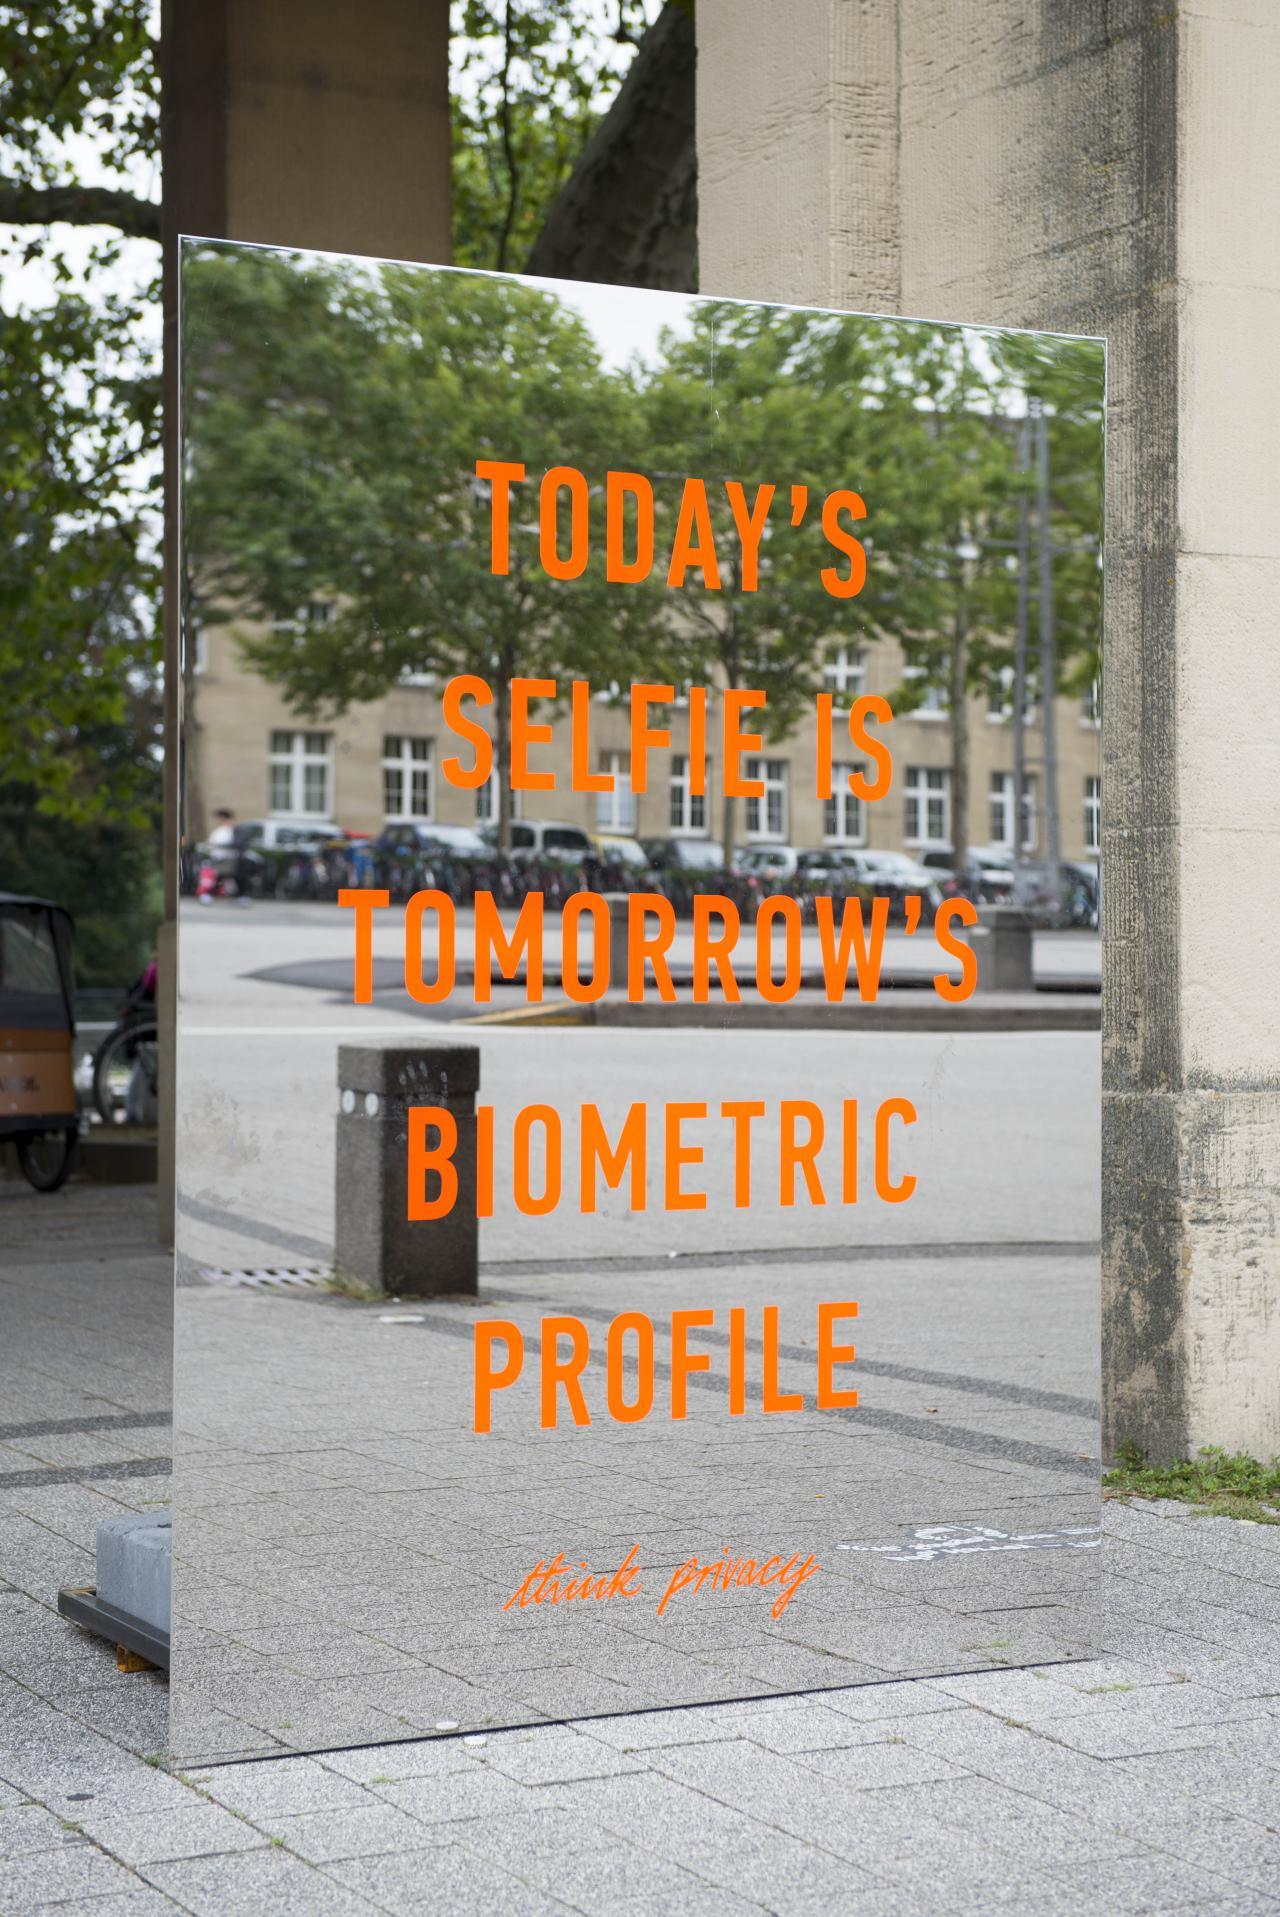 Zu sehen ist ein orangener Schriftzug »Todays Selfie is Tomorrows Biometric Profile« ist auf einem großen rechteckigen, rahmenlosen Spiegel. Die Installation steht draußen vor dem Eingang-Süd des Zoos.